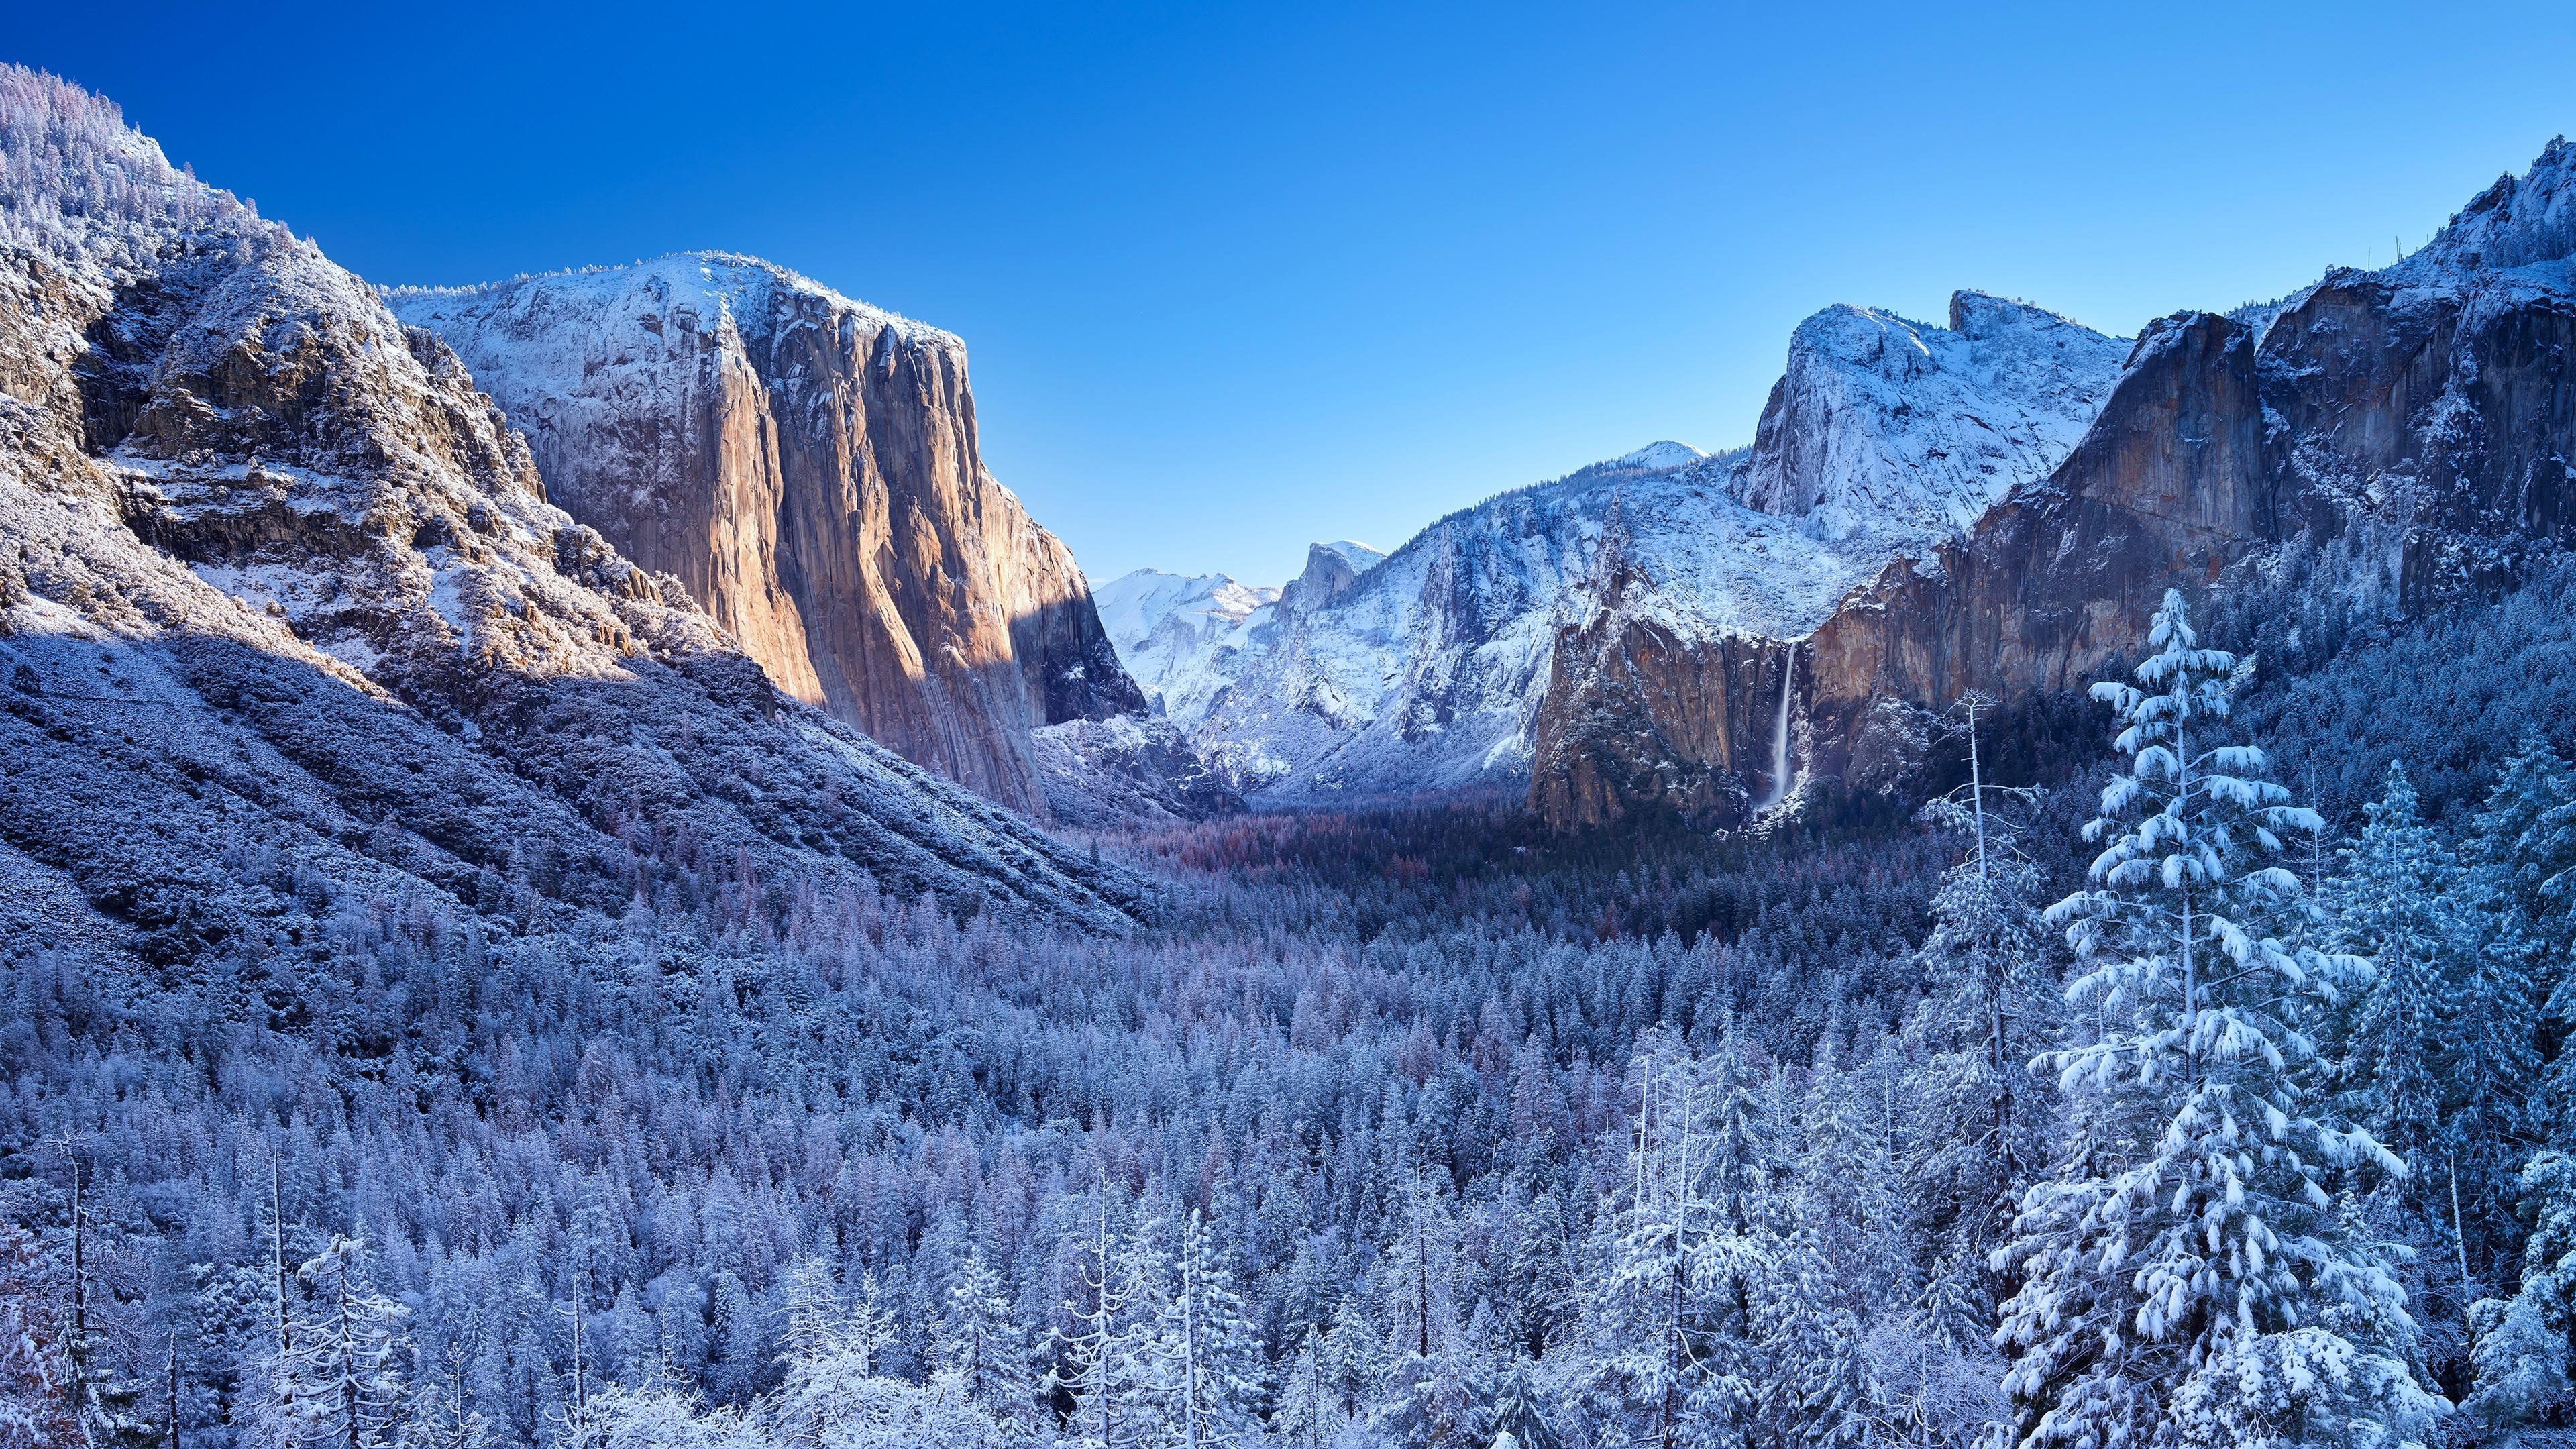 Fondos de pantalla Yosemite durante el invierno